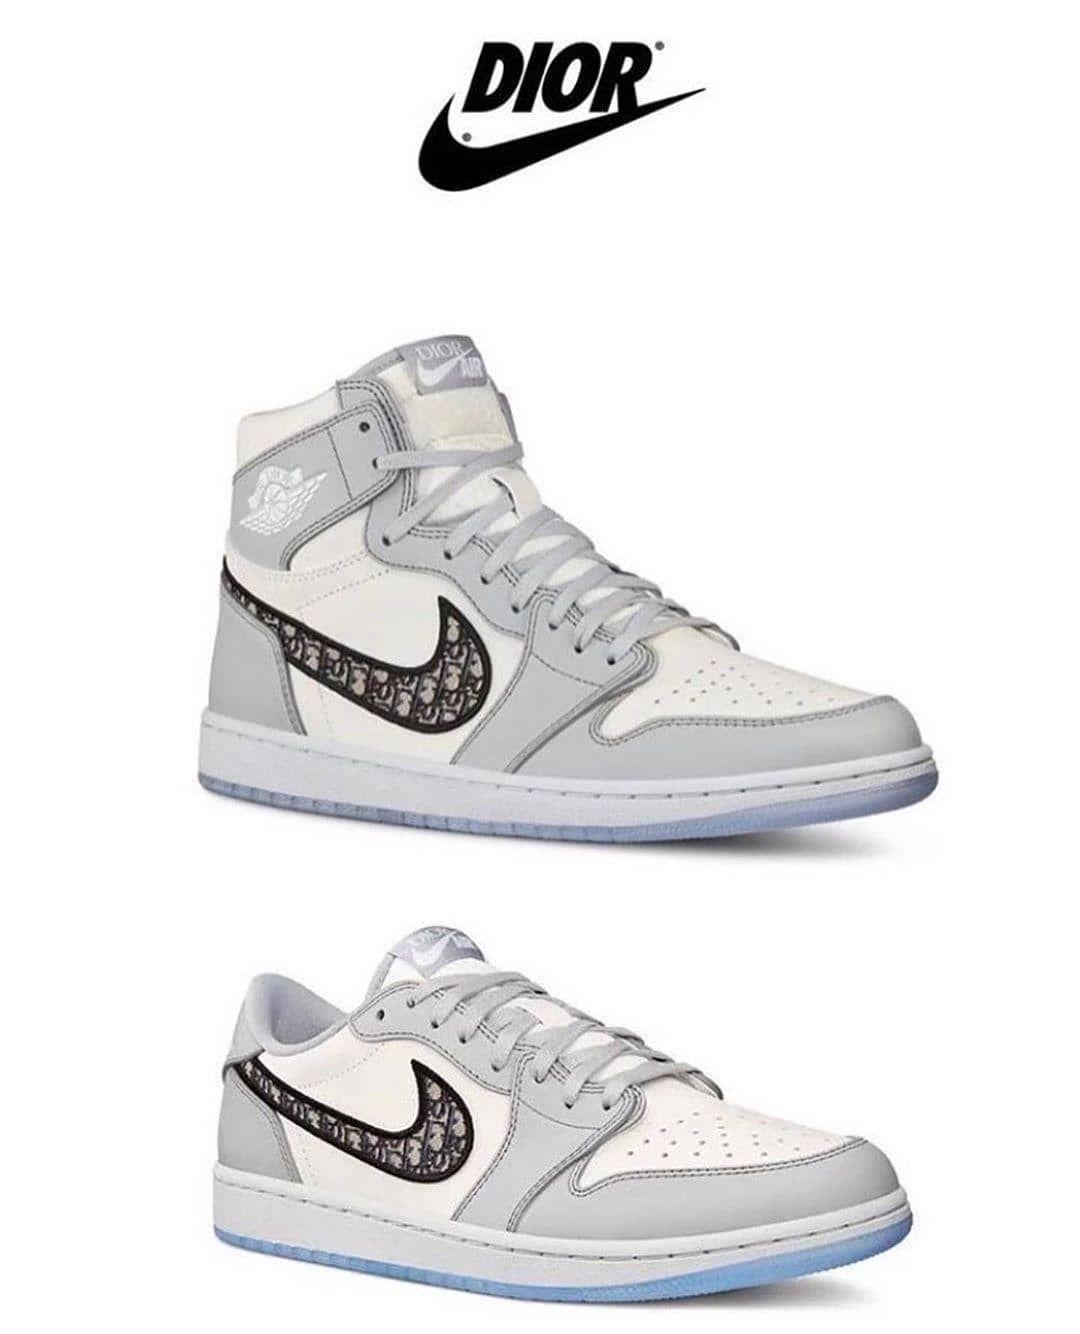 chaussure nike jordan dior